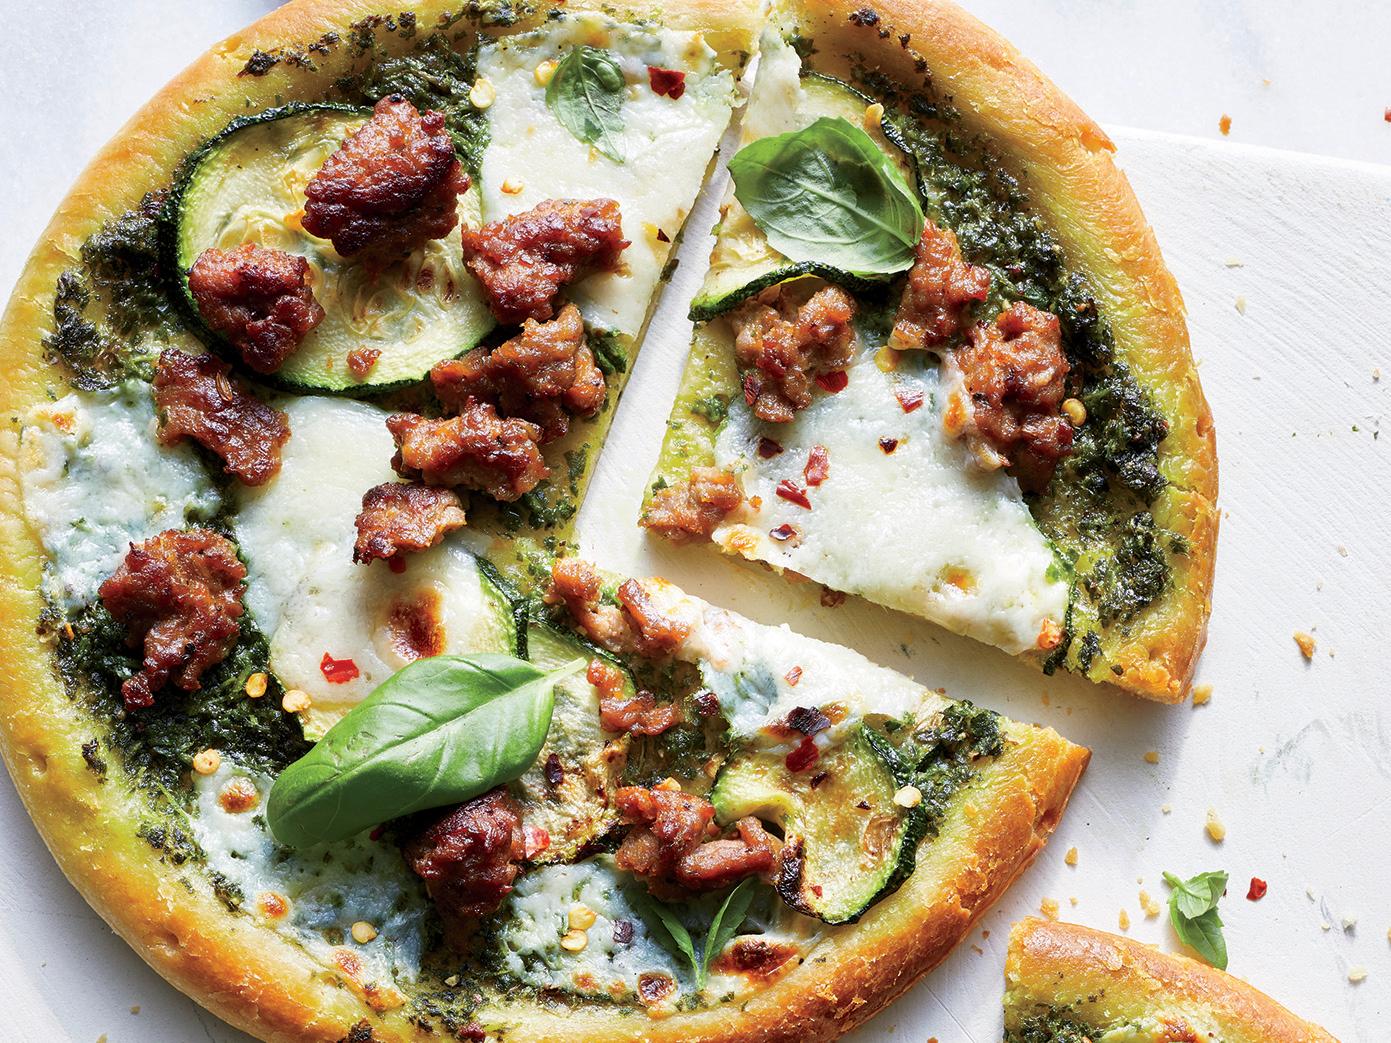 Zucchini-Pesto-Sausage Pizza